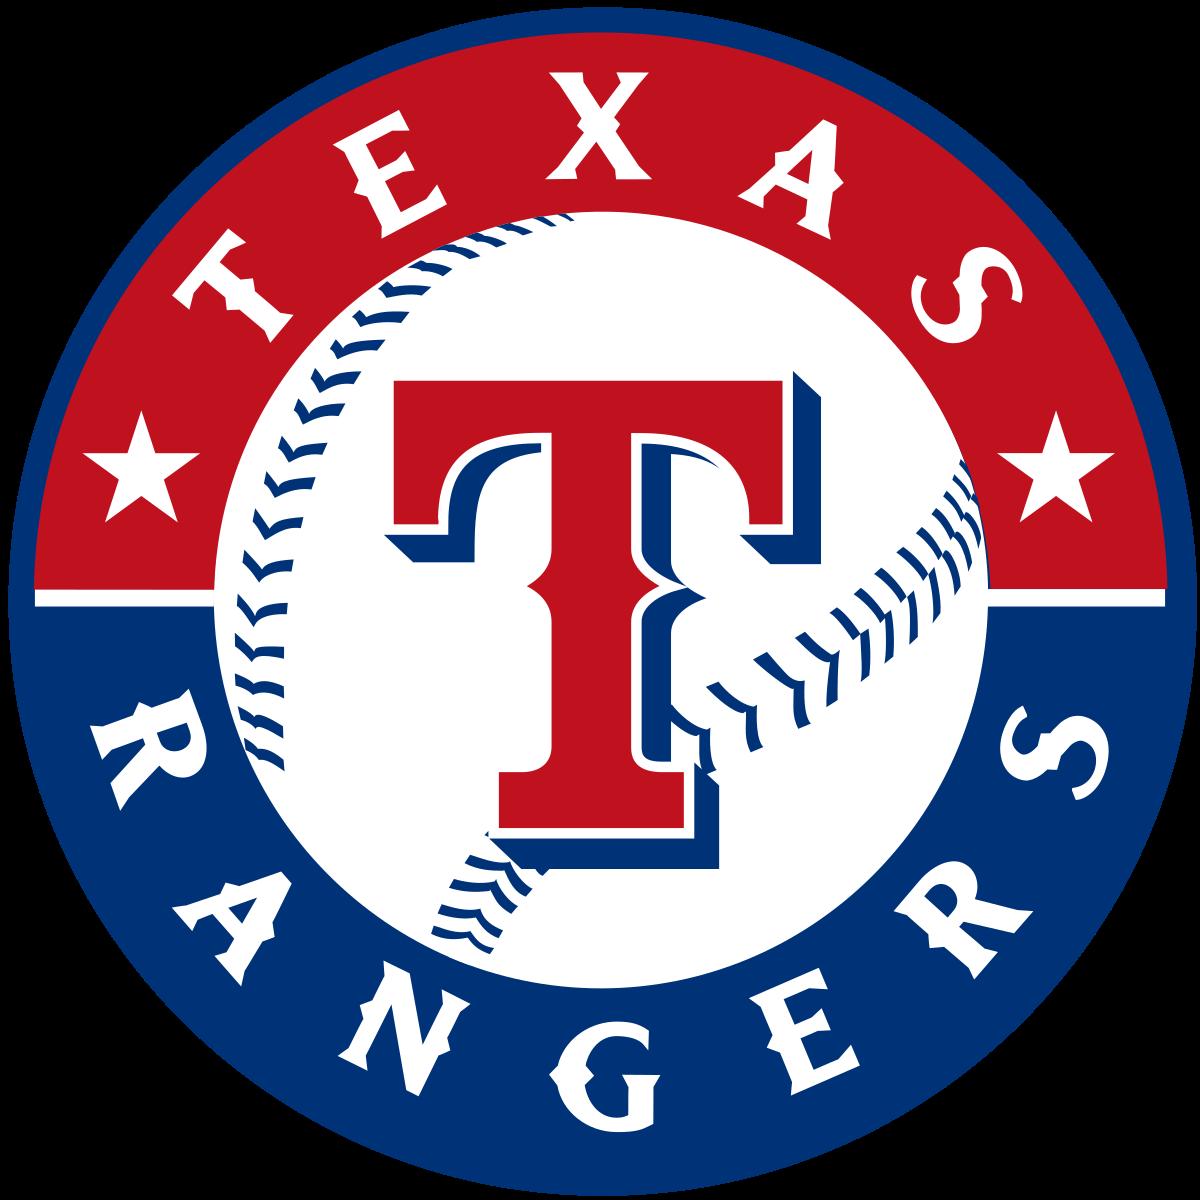 Texas Rangers Logos